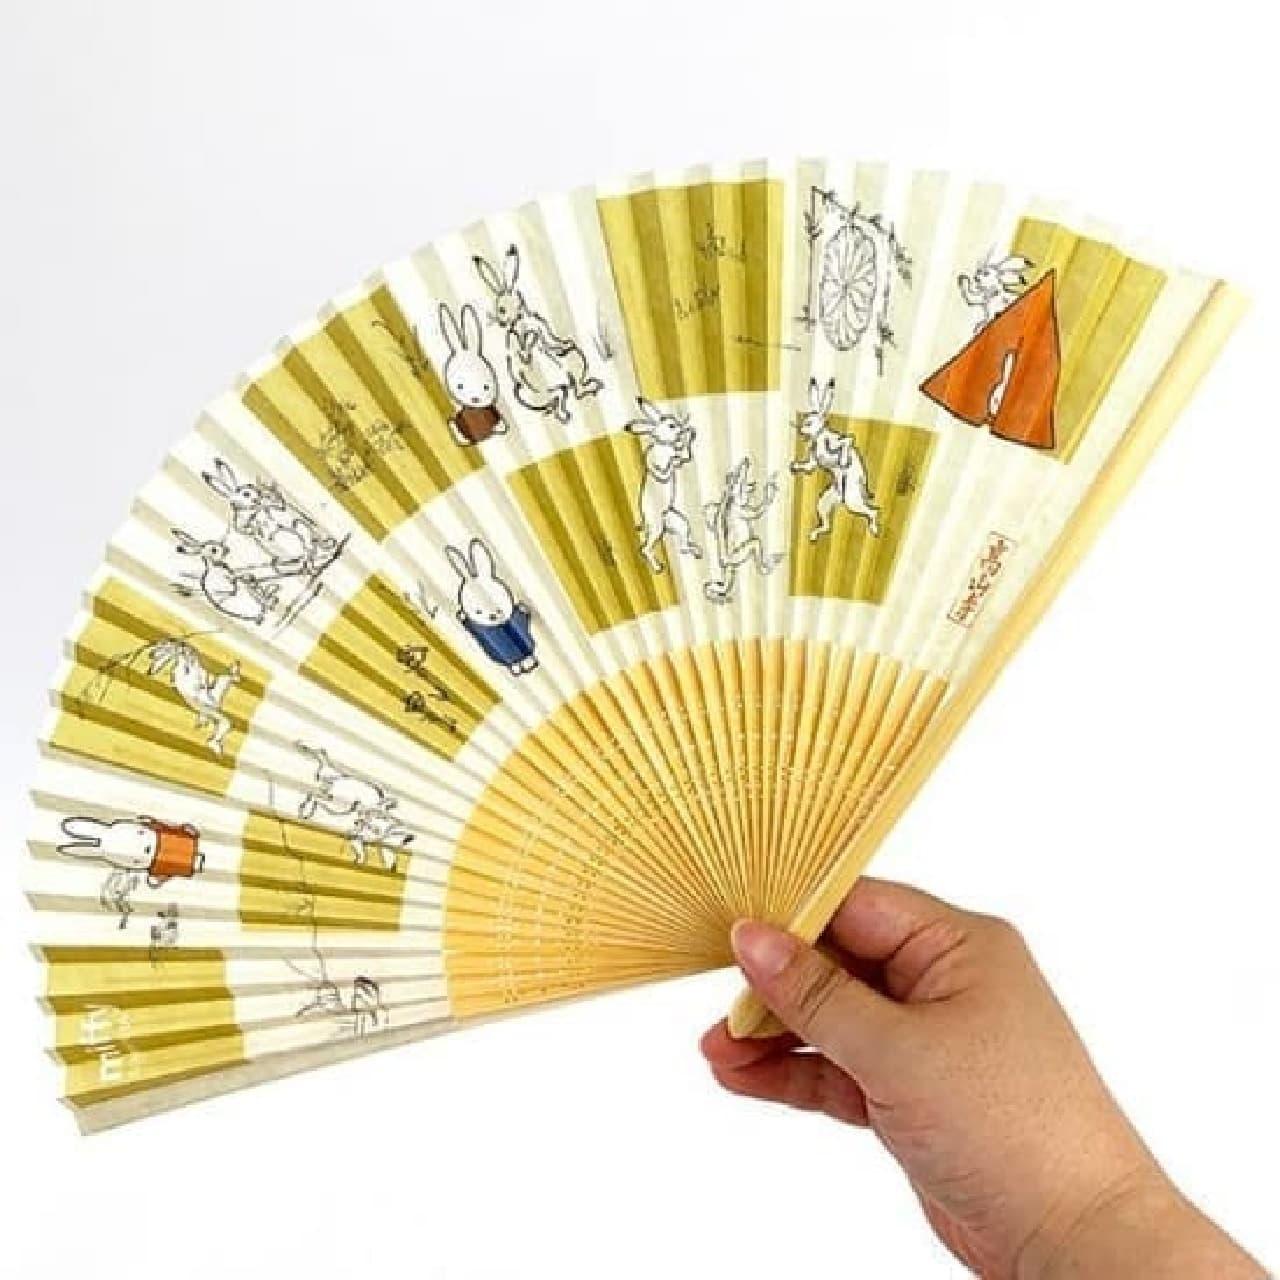 「ミッフィー×鳥獣戯画」の扇子やチケットファイルがパーフェクトワールドトーキョーに